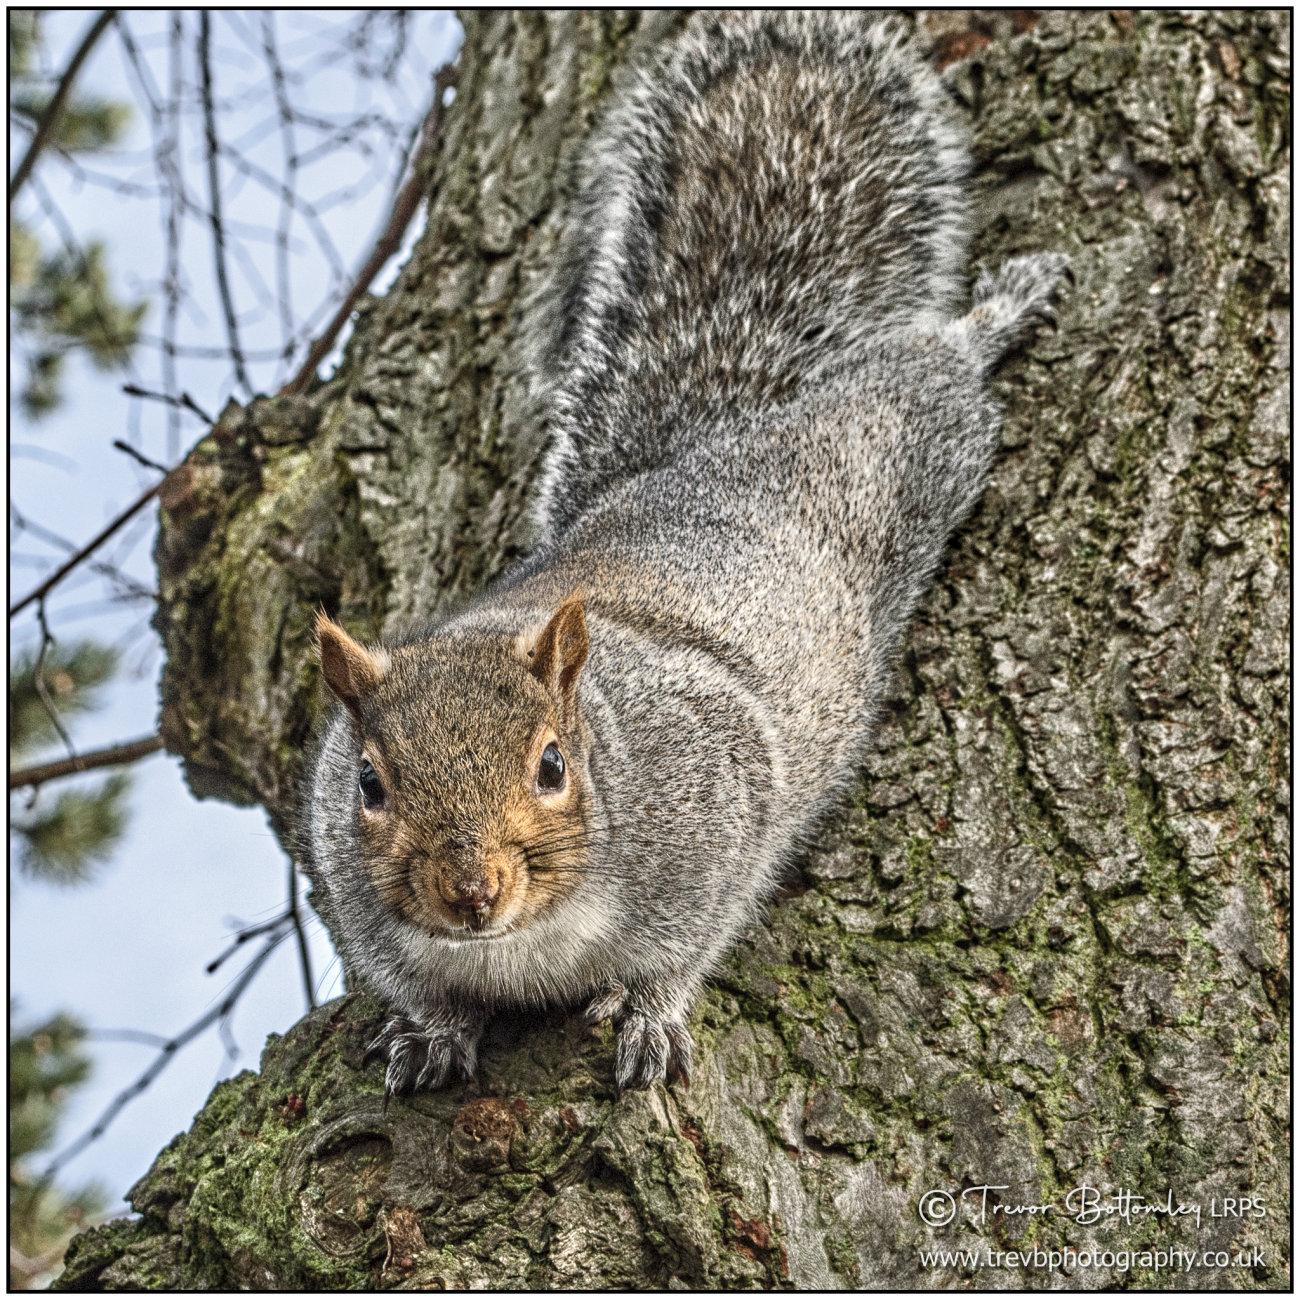 Warning: may contain nuts